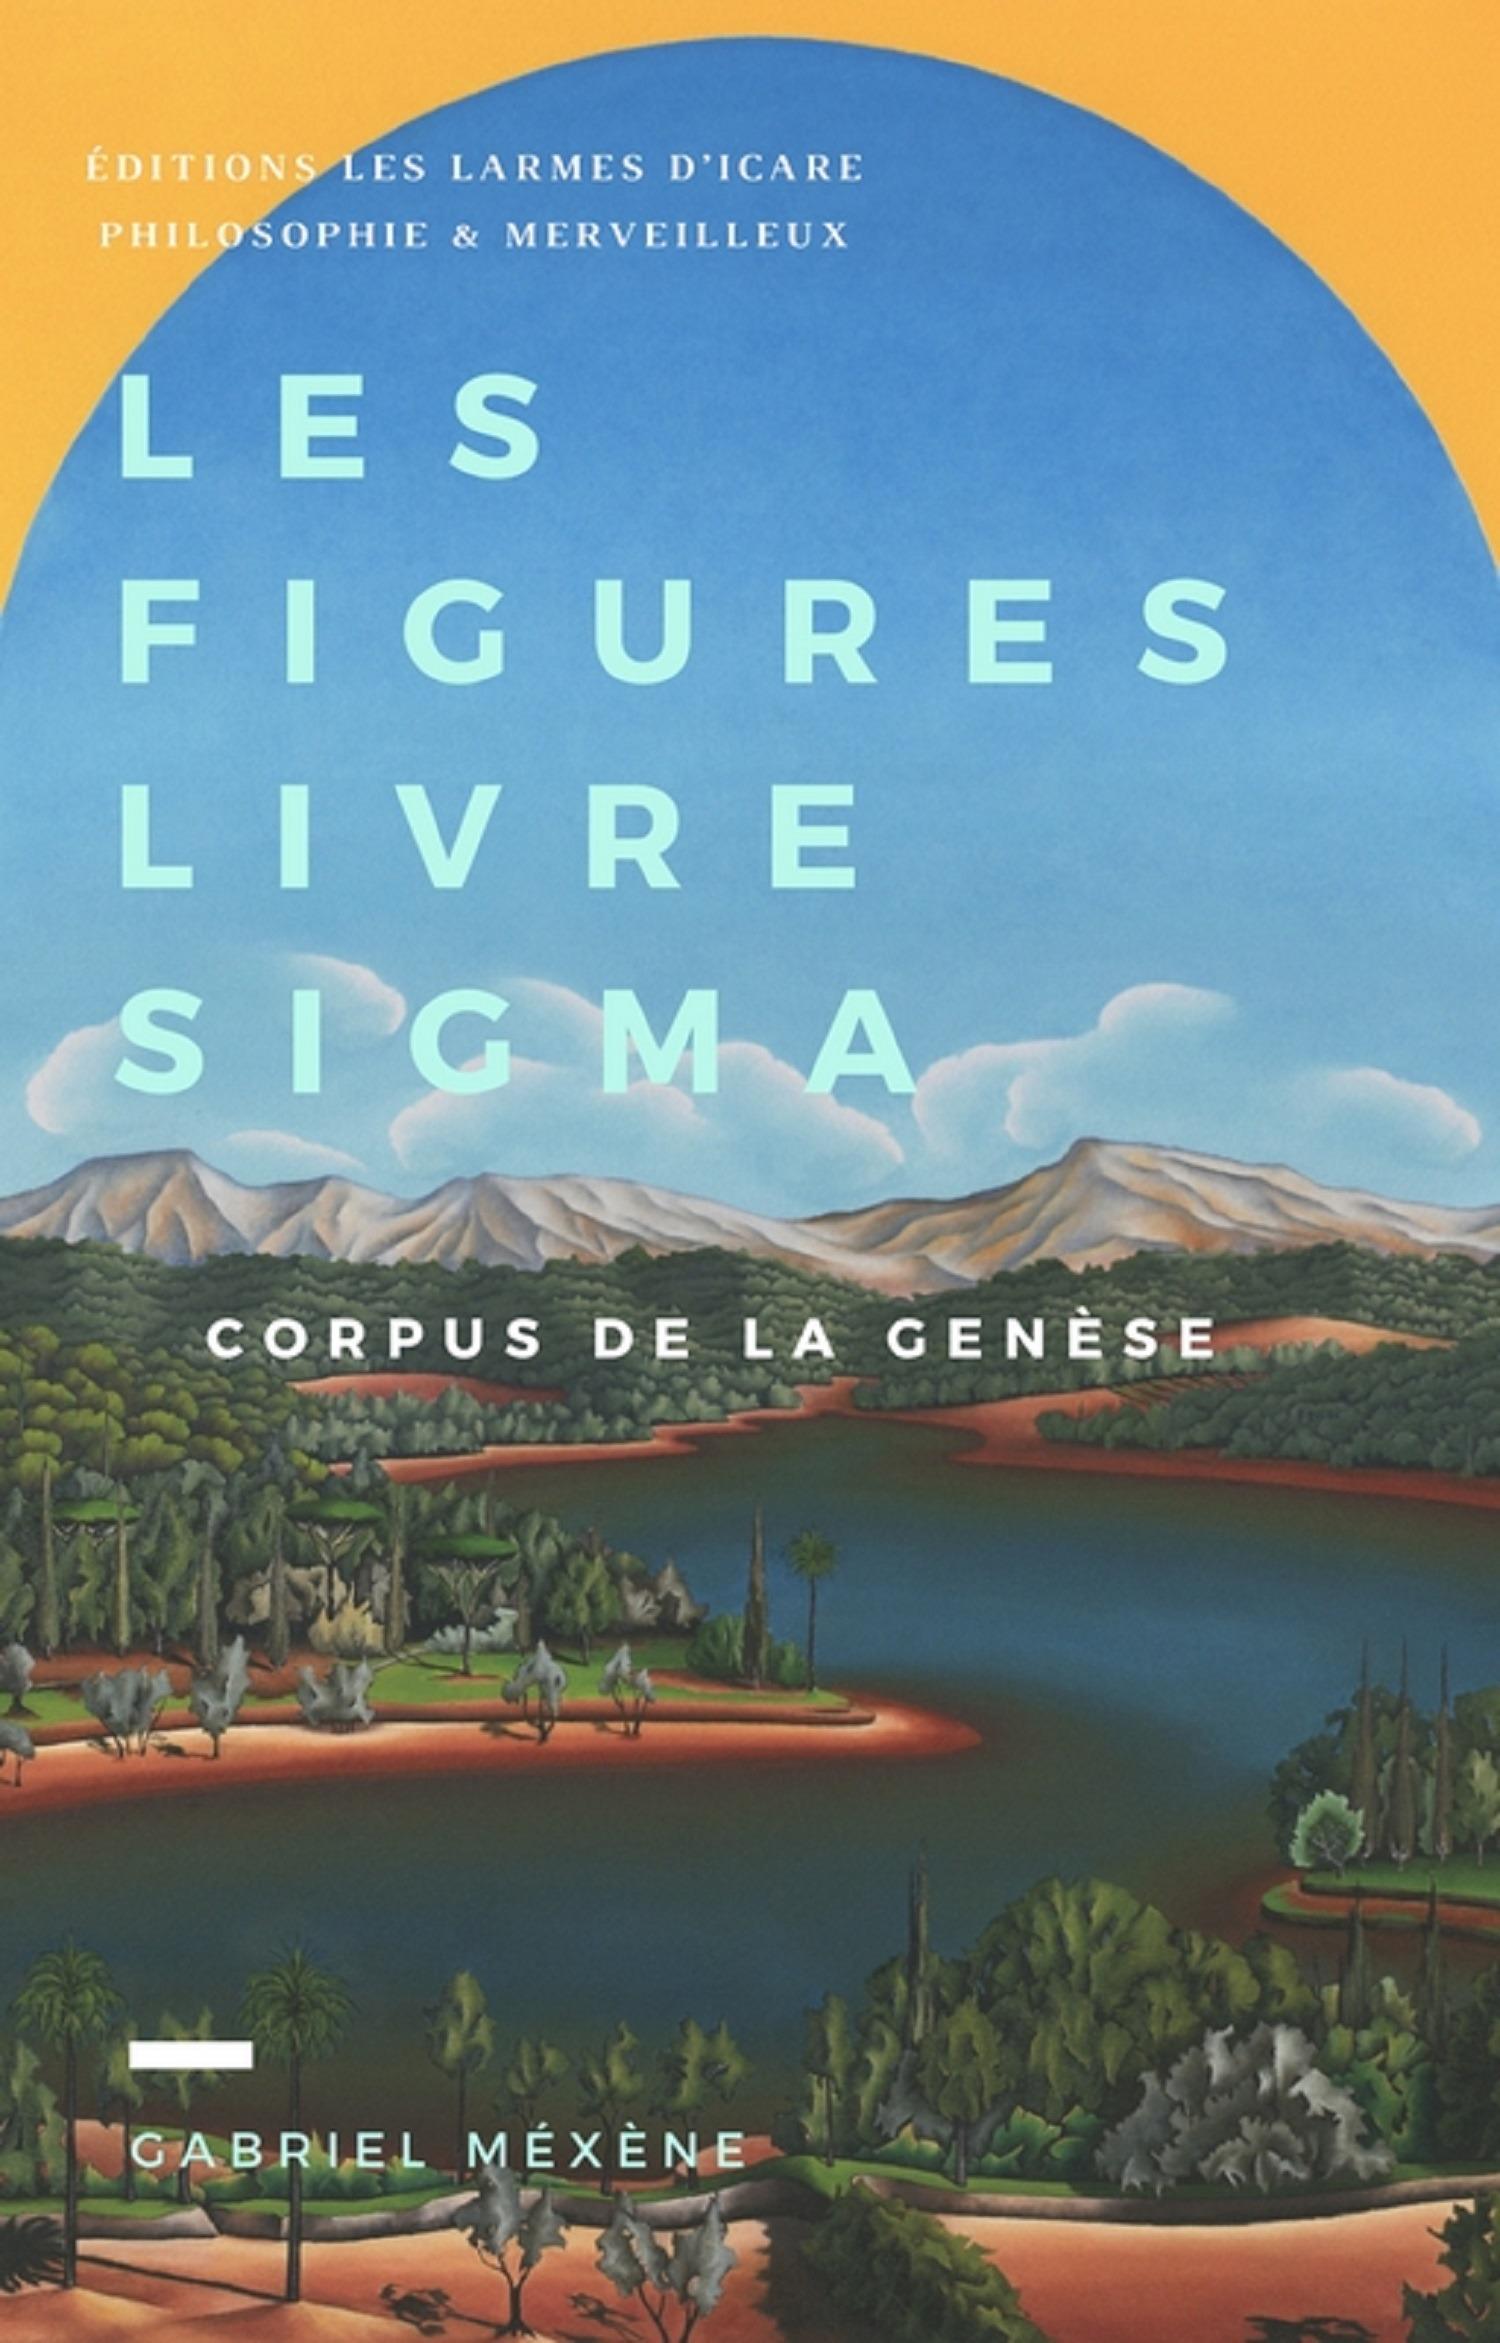 Gabriel Mexene Les figures, livre sigma